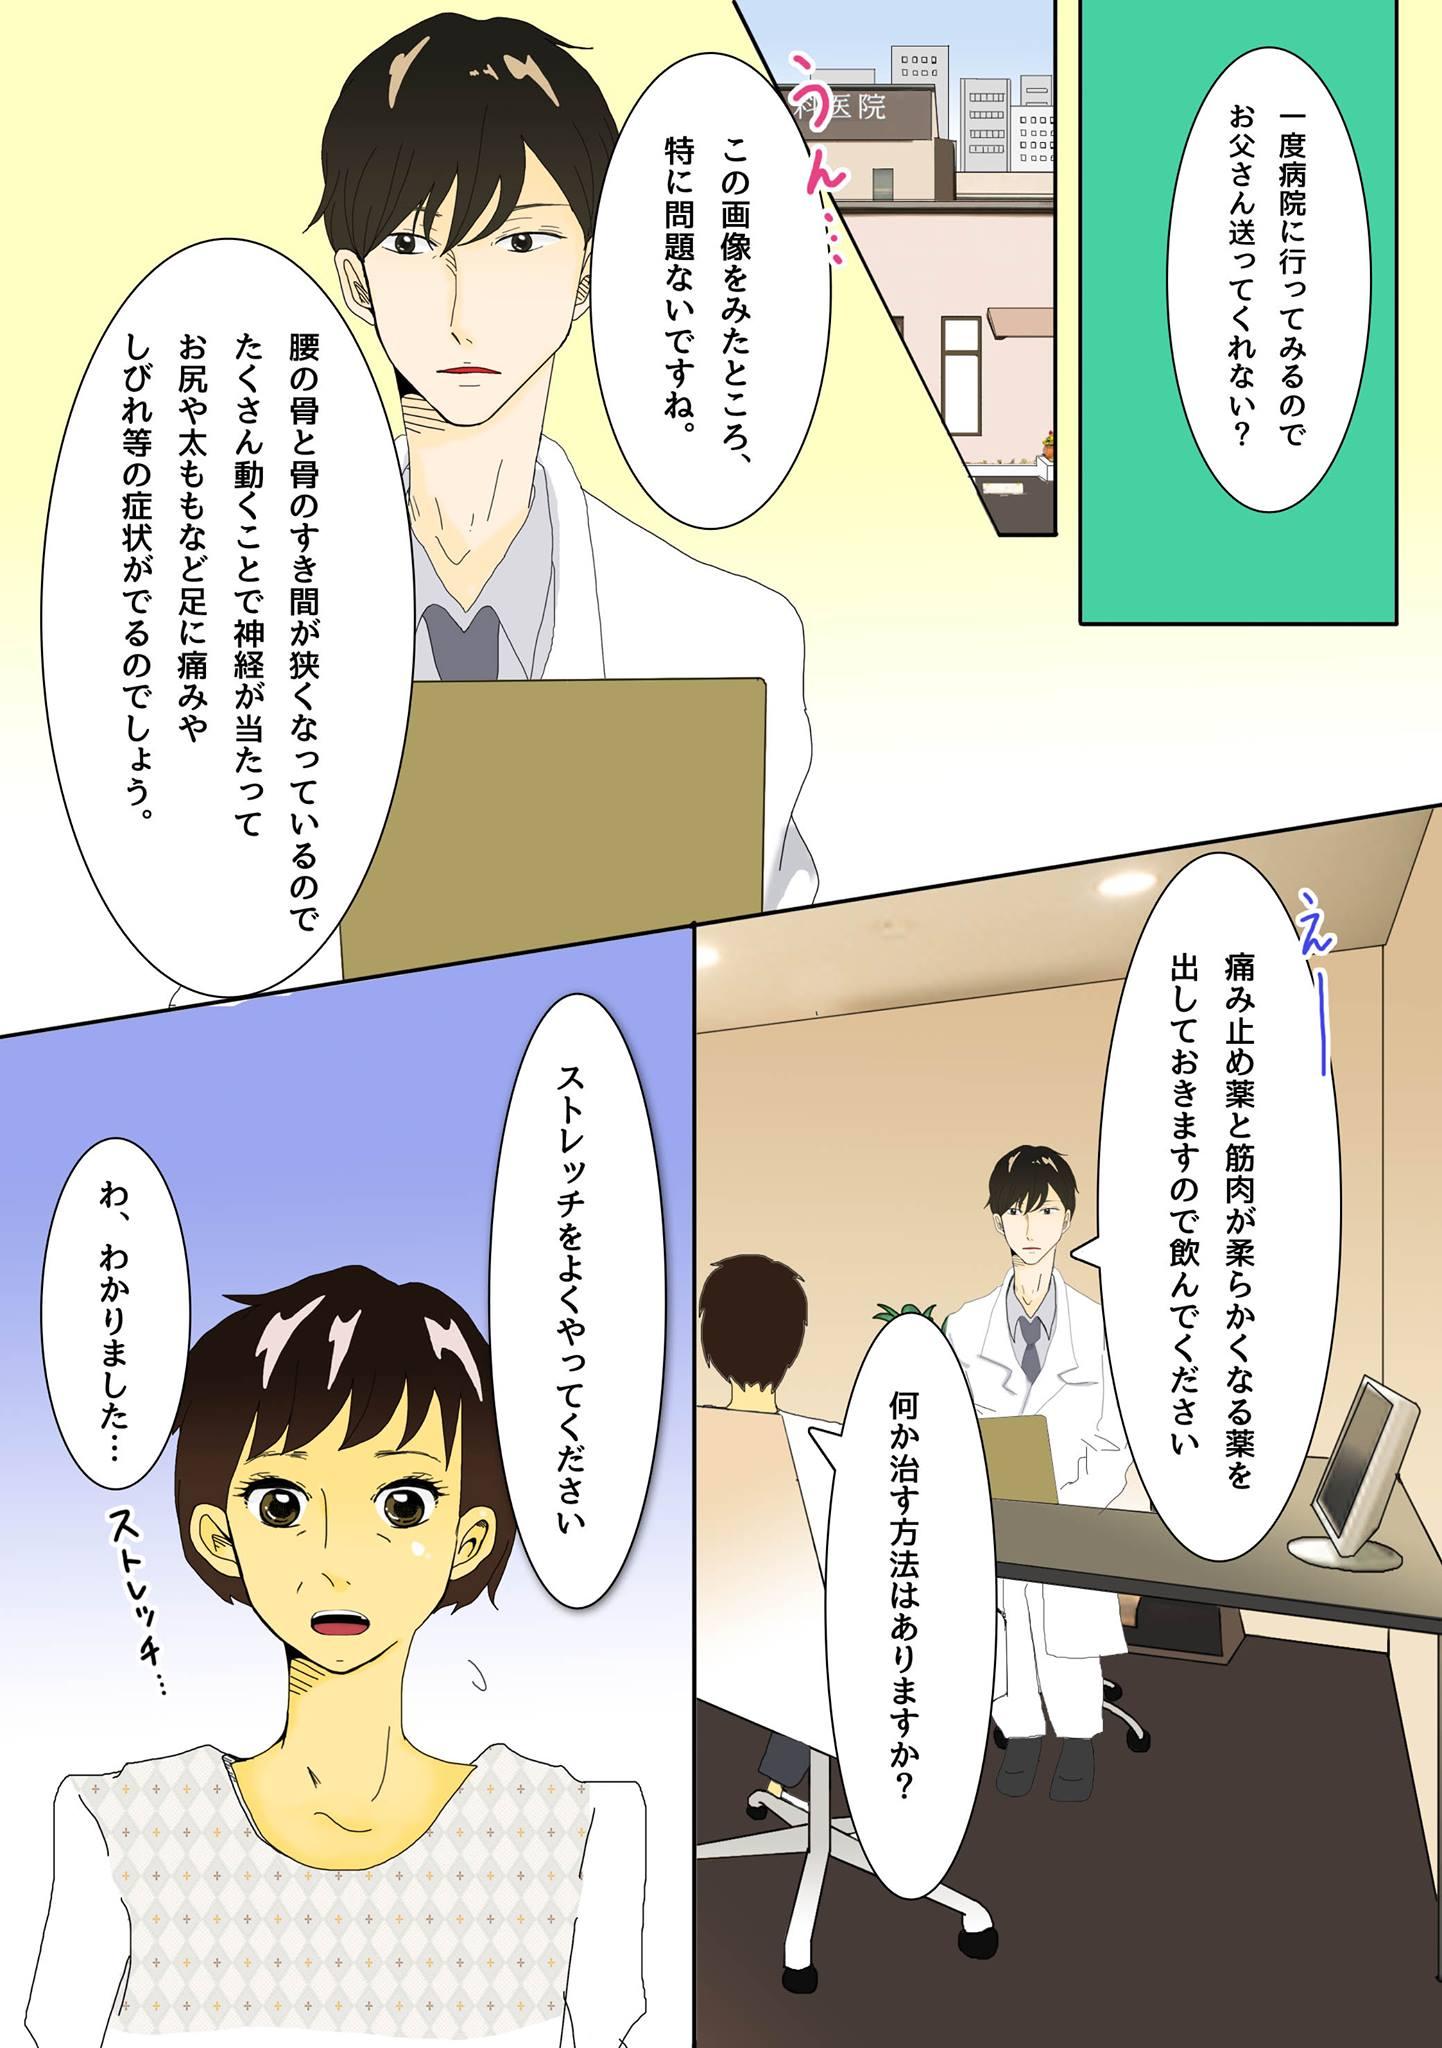 腰痛専門 せがわ接骨院漫画02